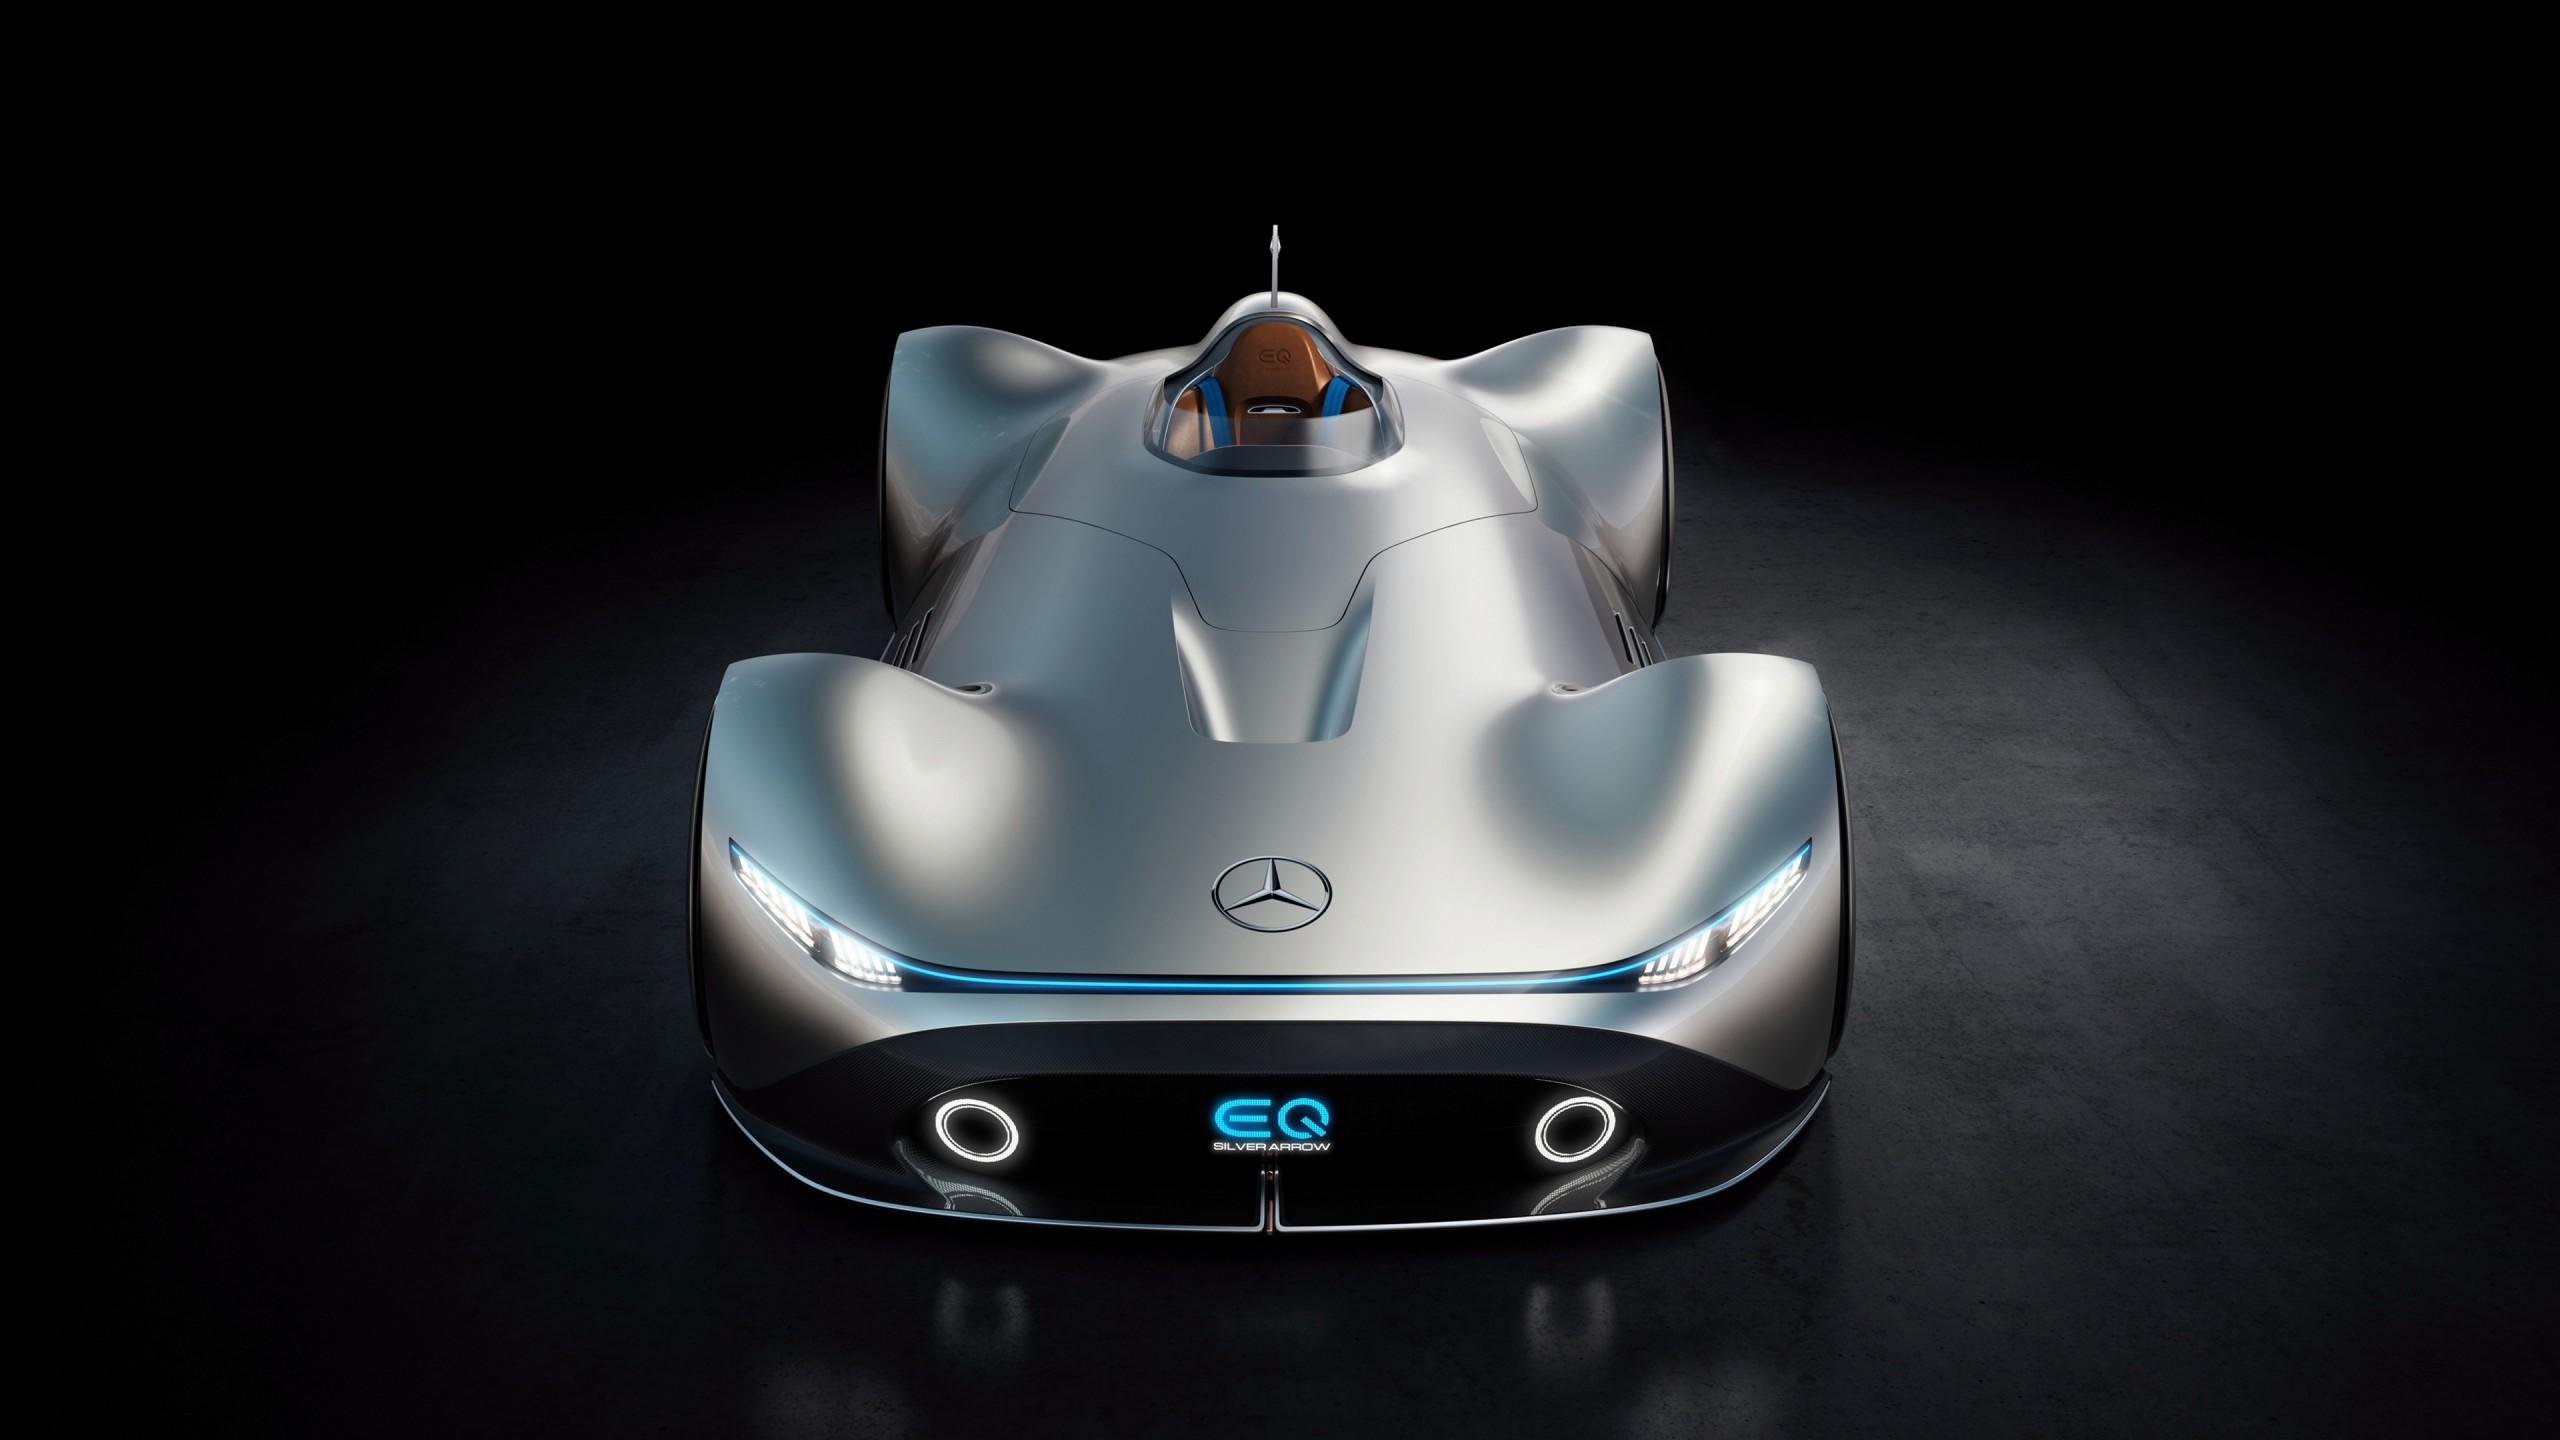 Mercedes benz vision eq silver arrow 4k wallpaper hd car for Auto mercedes benz